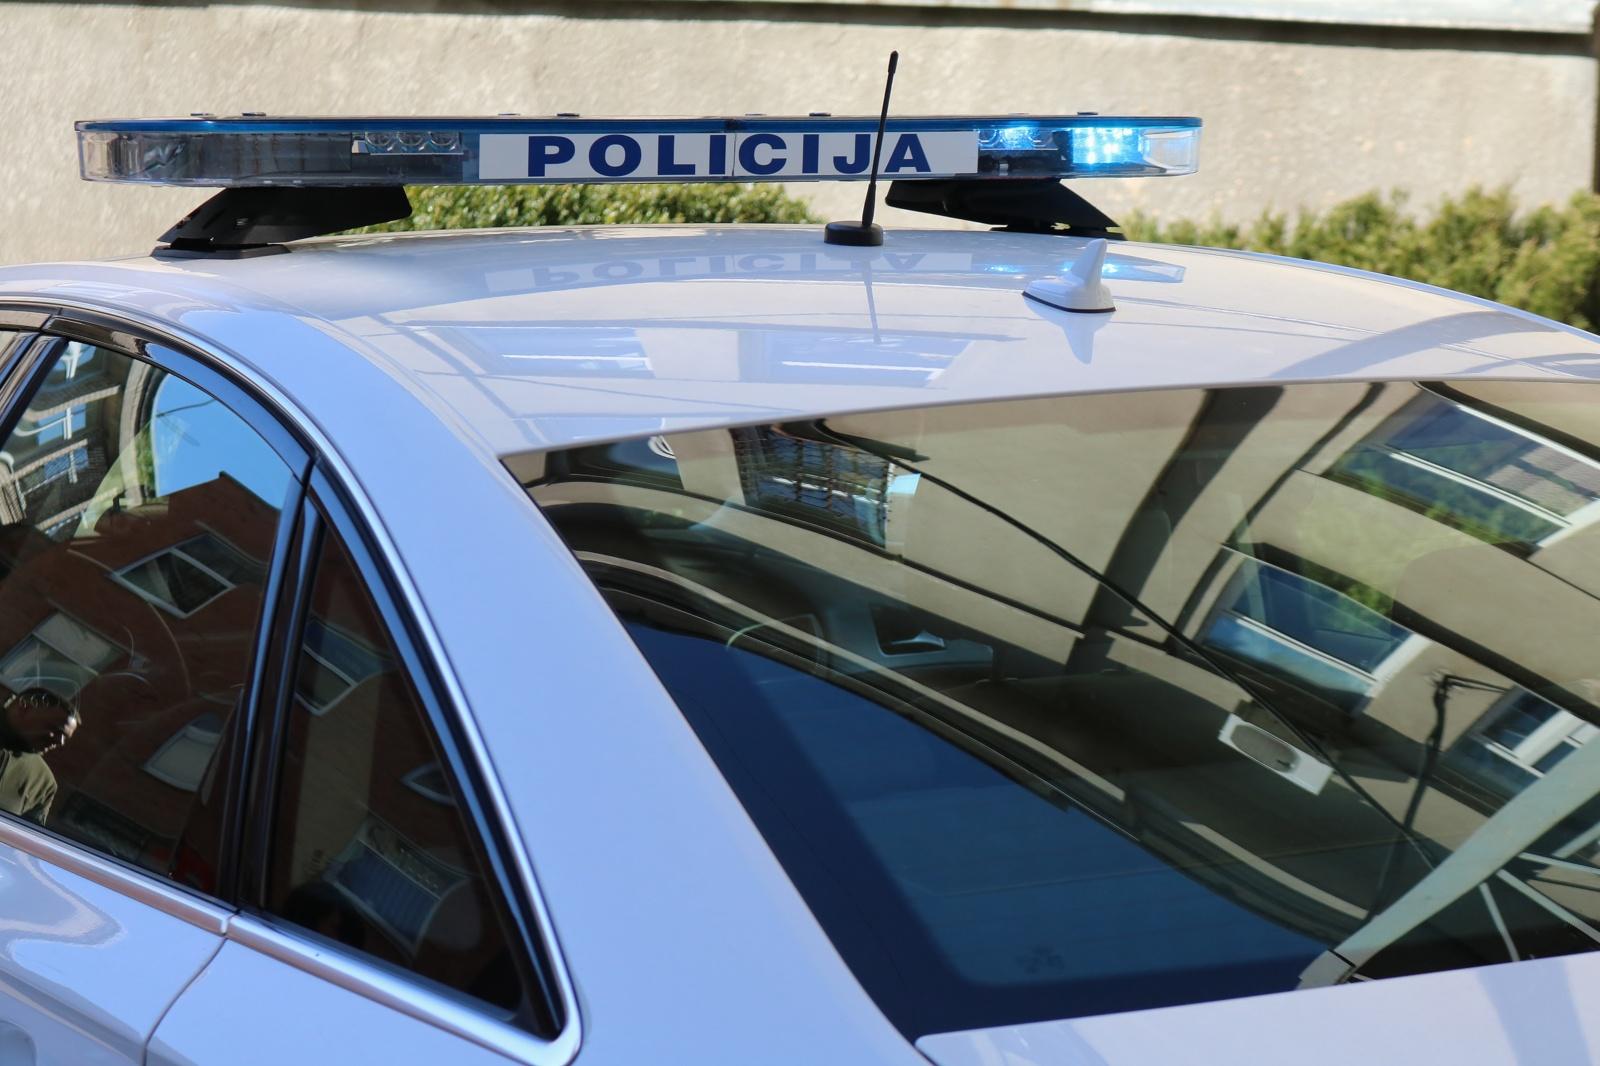 Radviliškio rajone avariją sukėlė teisės vairuoti neturintis vaikinas